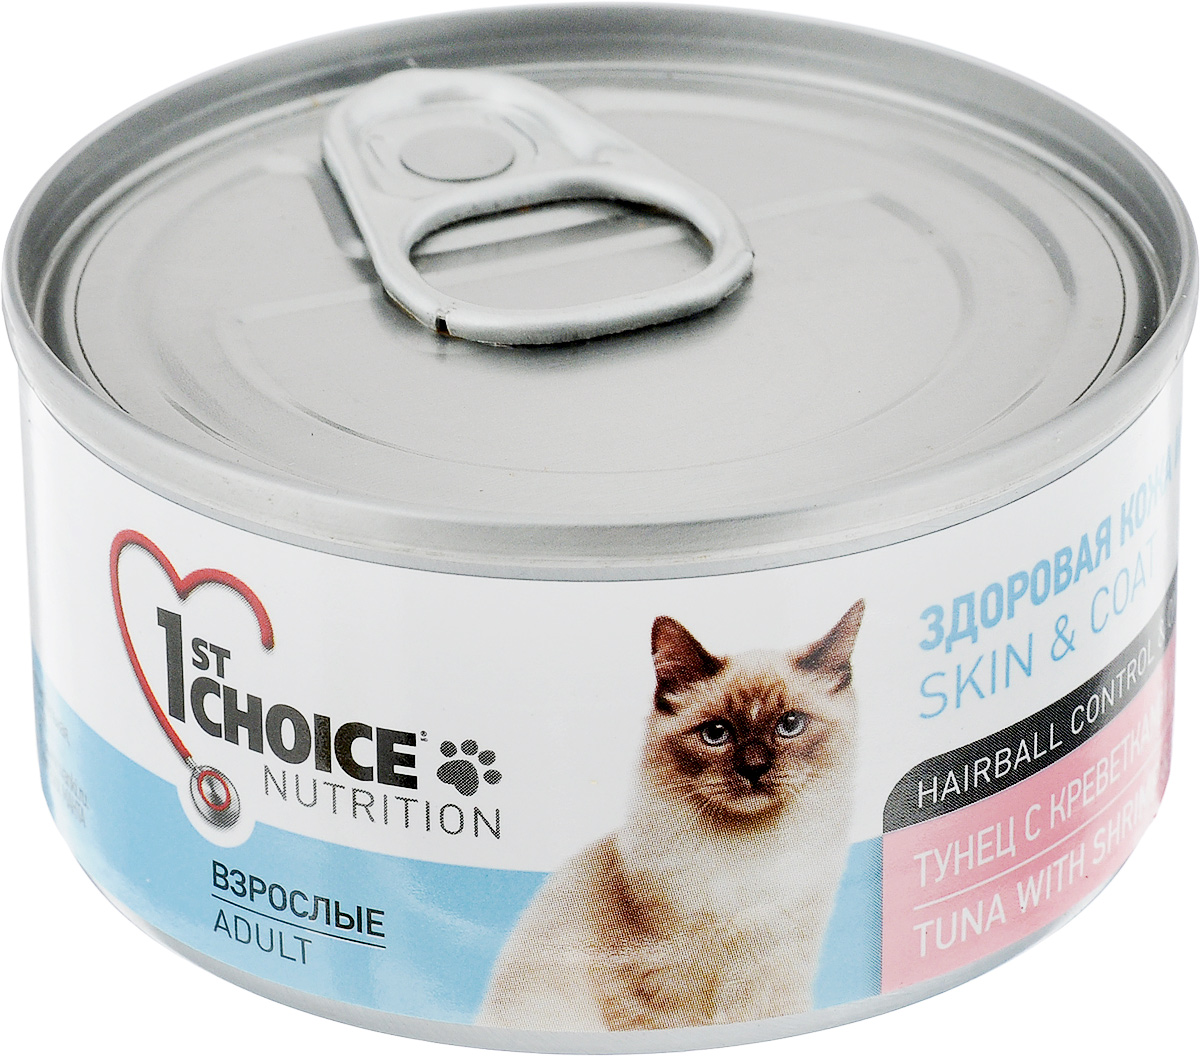 Консервы 1st Choice, для взрослых кошек, тунец с креветками и ананасом, 85 г102.6.005Консервы 1st Choice является уникальным, натуральным, здоровым и функциональным дополнительным консервированным питанием для котят. Корм рекомендуется смешивать с кашами. Консервы изготовлены из высококачественного мясного сырья. Они обеспечивают здоровую и красивую шерсть, благодаря высокому содержанию Омега-3 и эффективную систему вывода шерсти и контроля образования волосяных комочков. Товар сертифицирован.